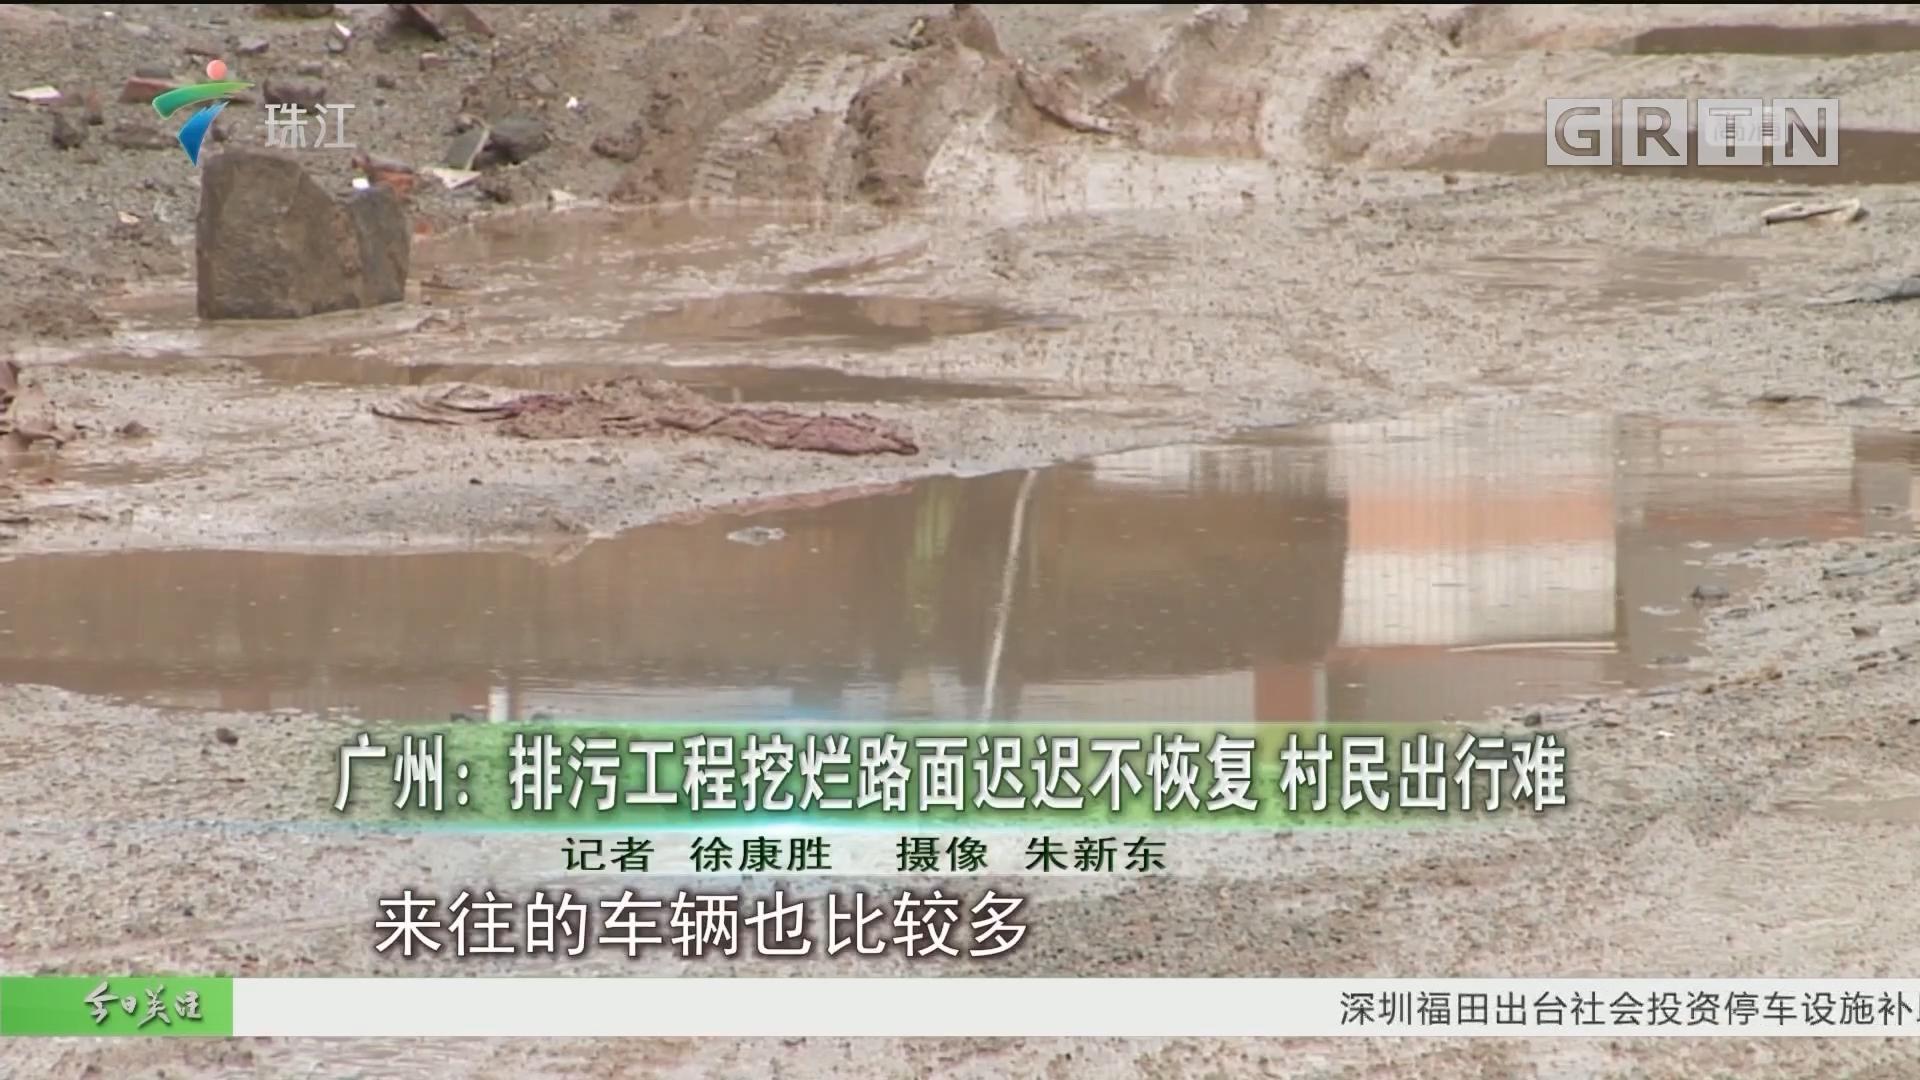 广州:排污工程挖烂路面迟迟不恢复 村民出行难